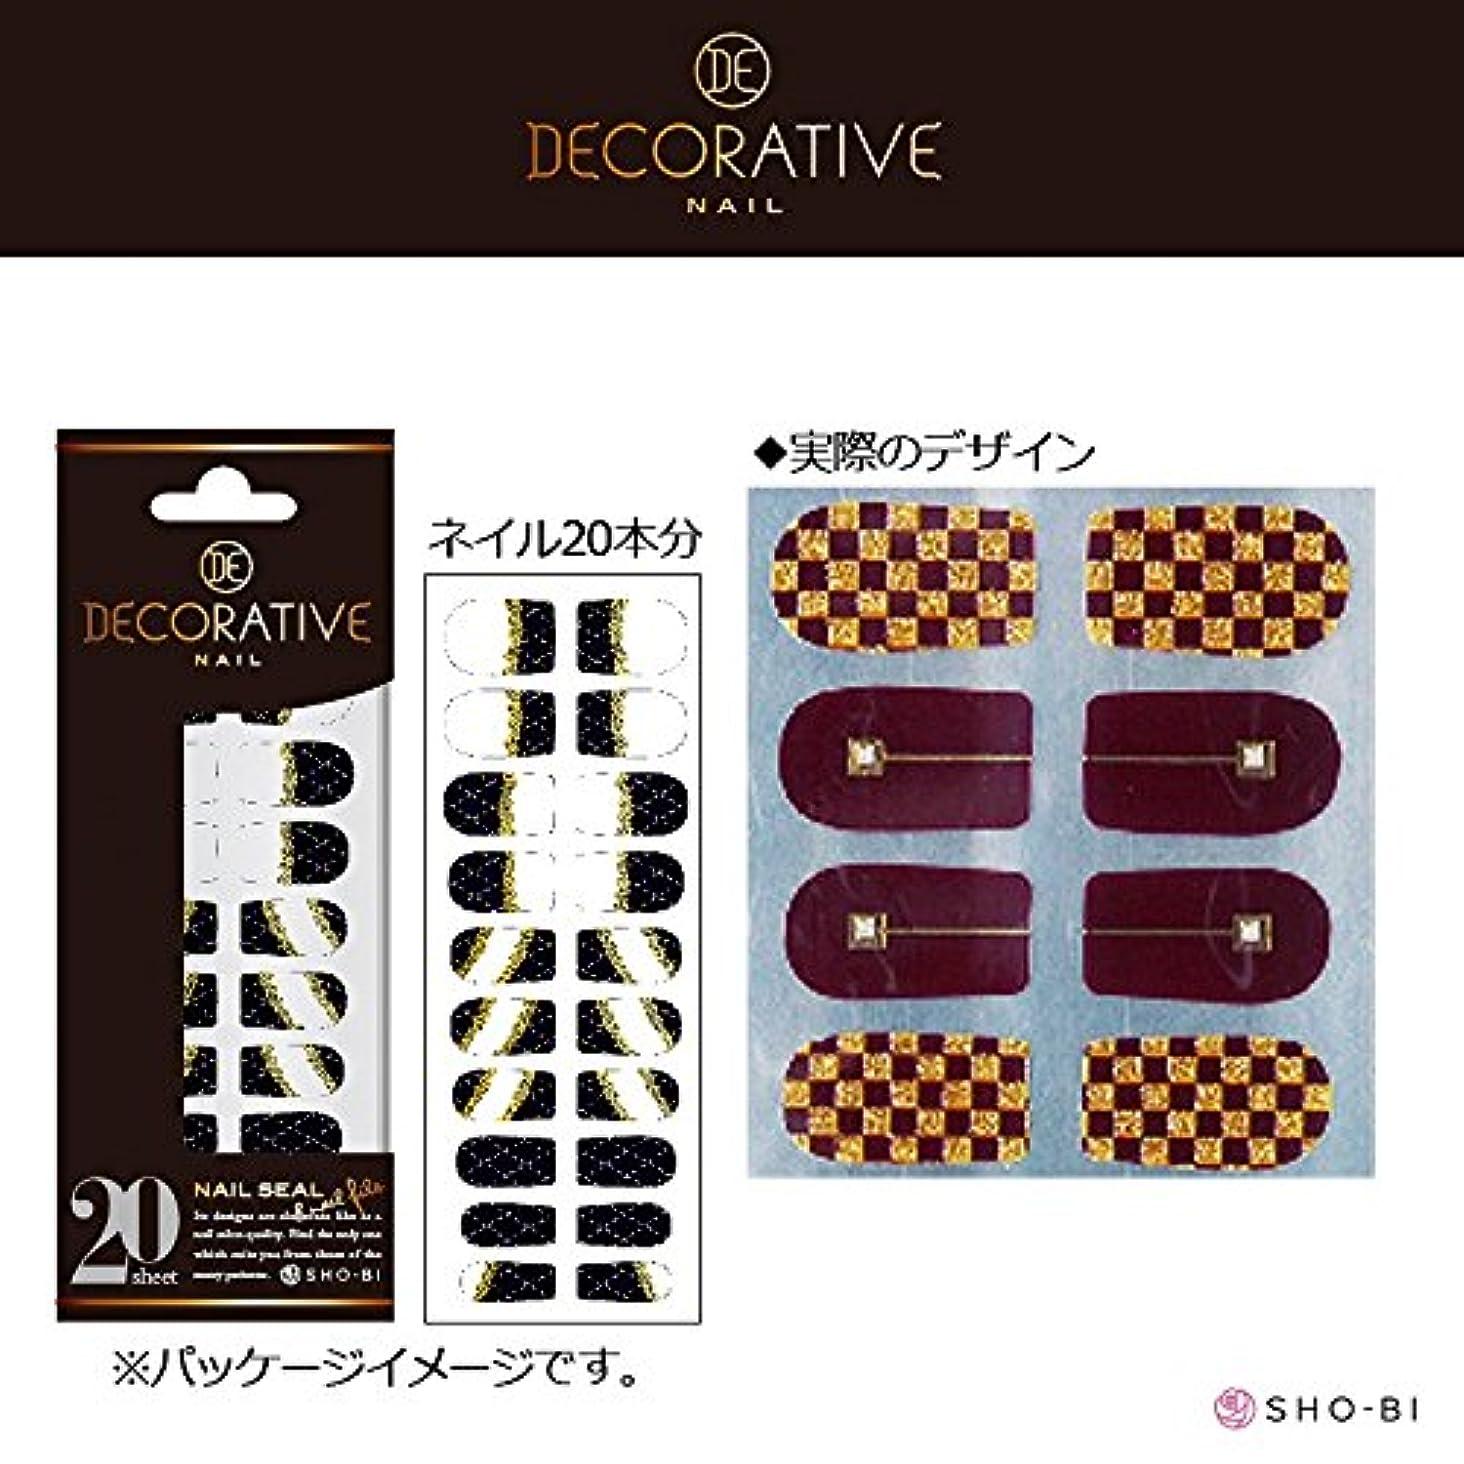 繁雑吐き出す抑圧デコラティブネイル ラッピングシール オールドチェス TN80501